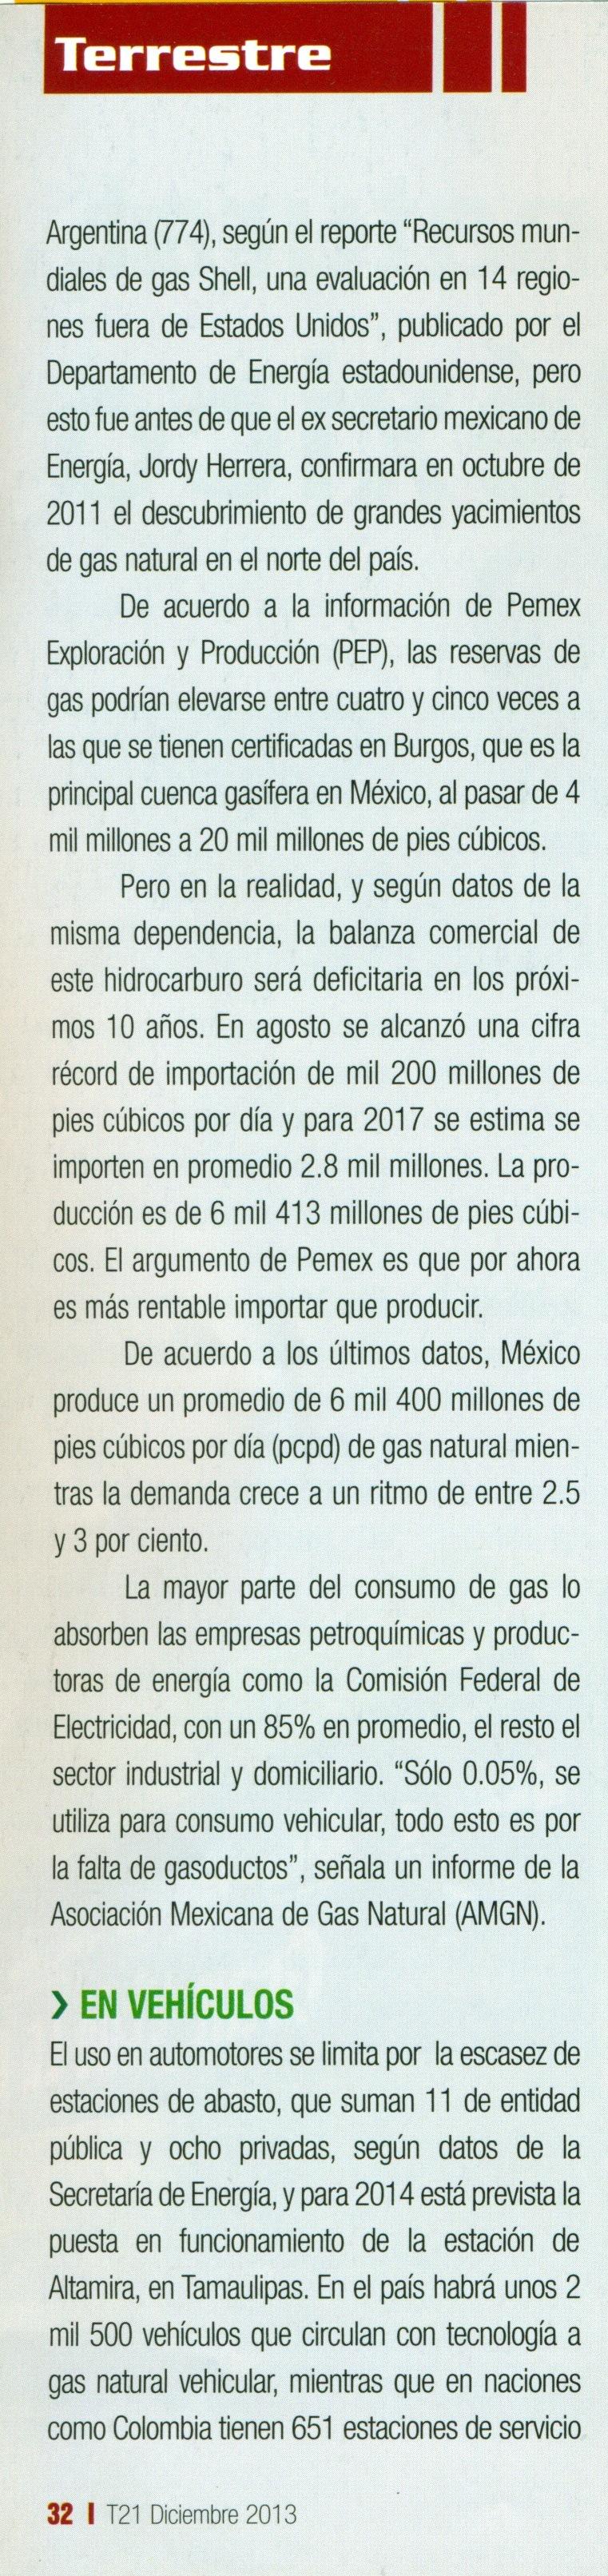 Revista %22T21%22 Diciembre 2013 Pag. 32